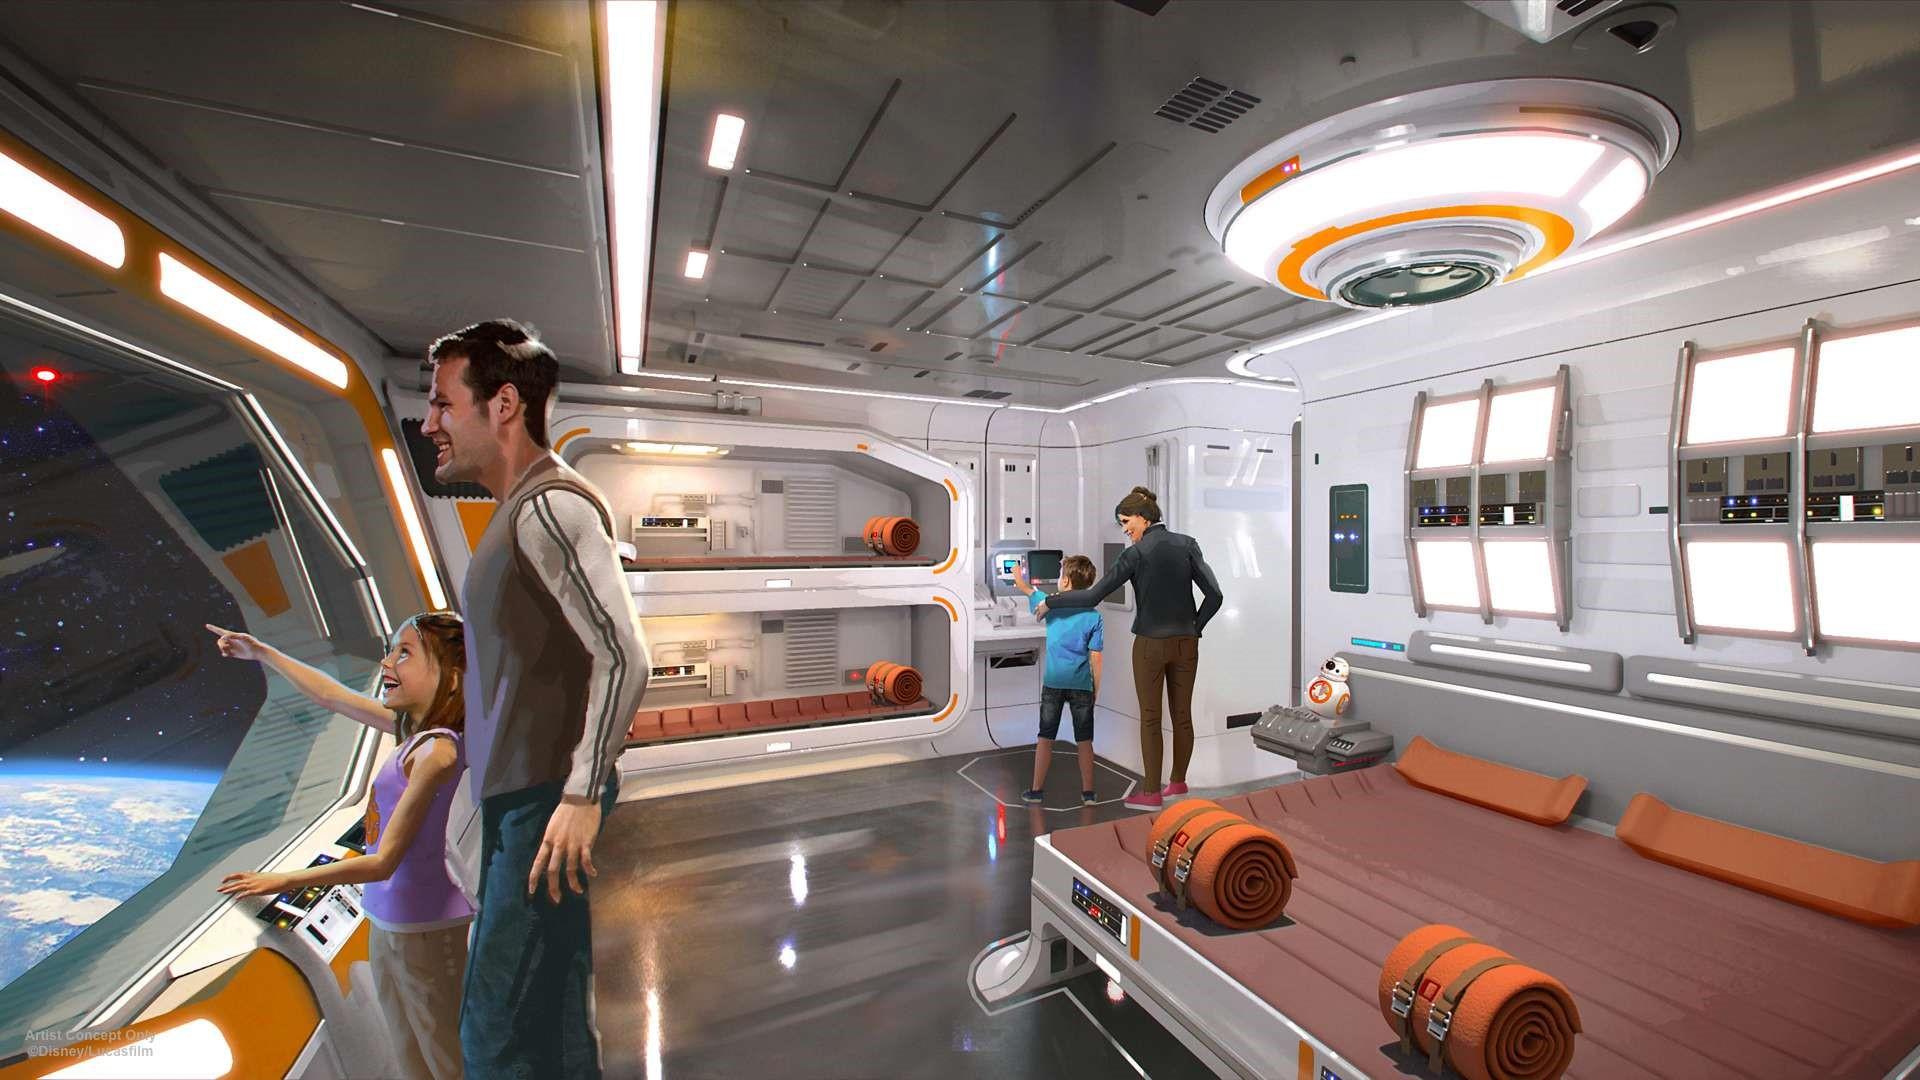 Una nave de 'La guerra de las galaxias'